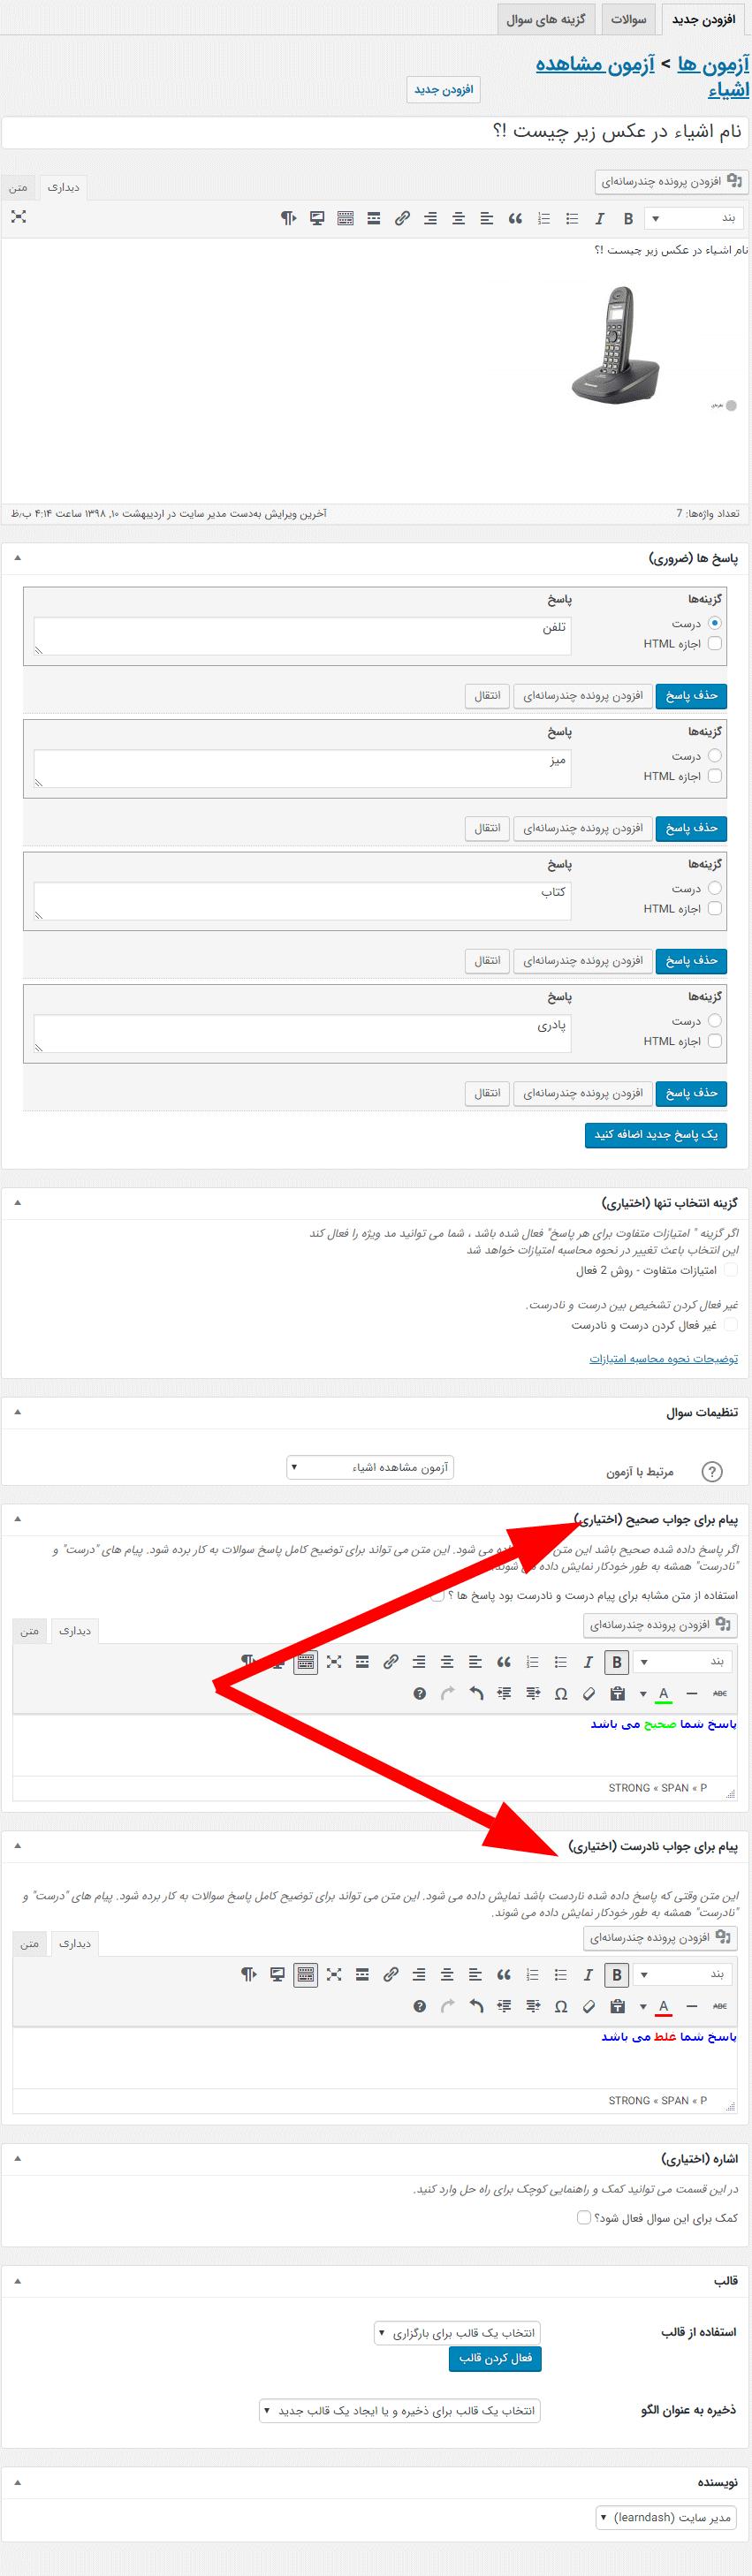 بخش بانک سوال های پیشرفته LearnDash